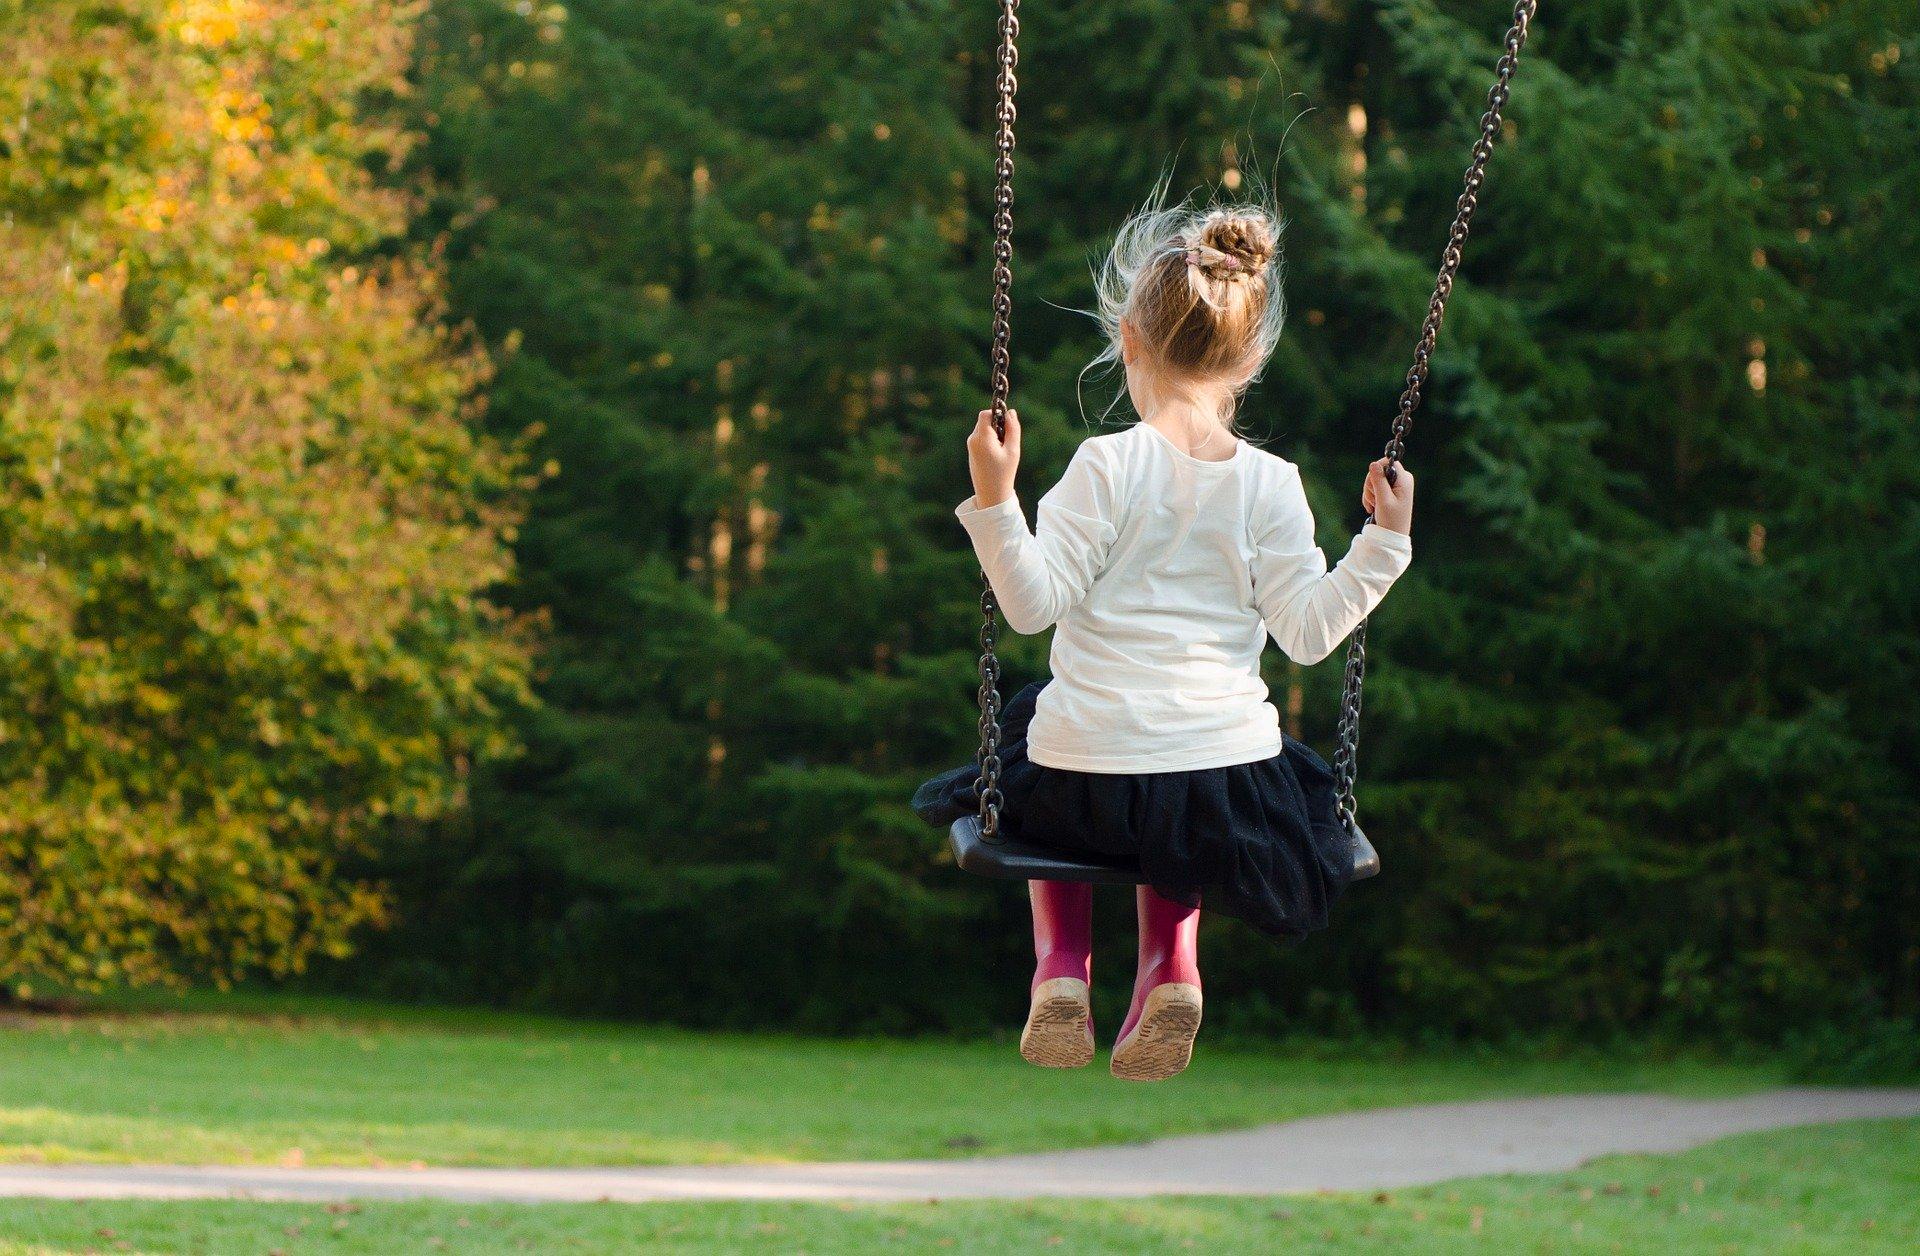 Infanzia ai tempi del Covid, dalla povertà alla scuola: il dibattito nella giornata dei diritti dei bambini 2020